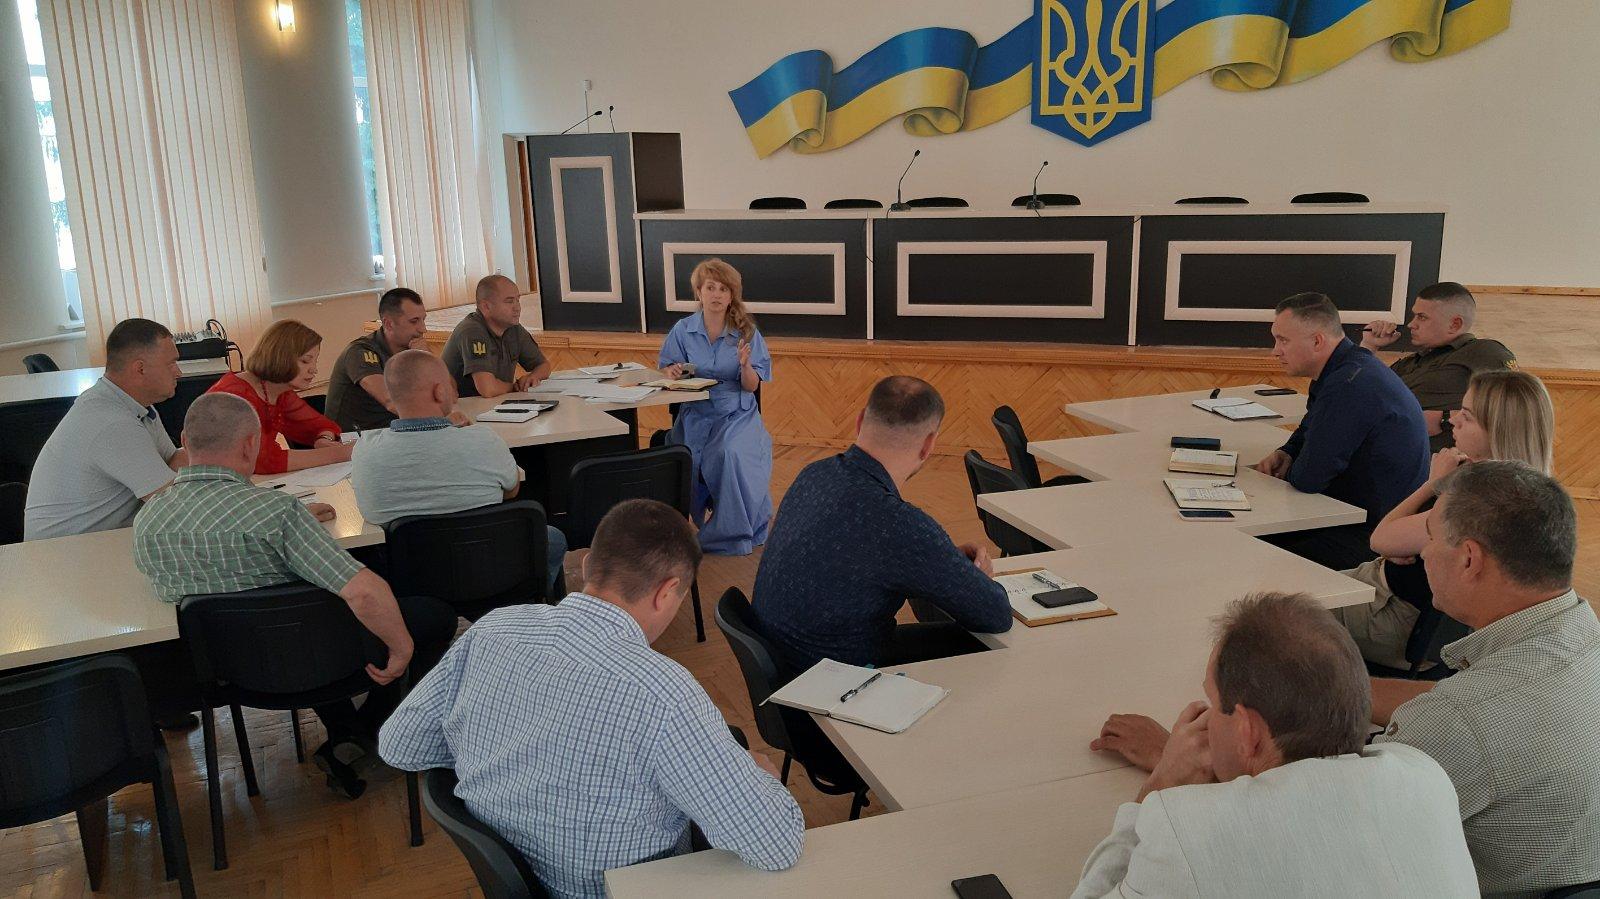 Відбулася нарада з питань підготовки до проведення навчальних зборів з територіальної оборони